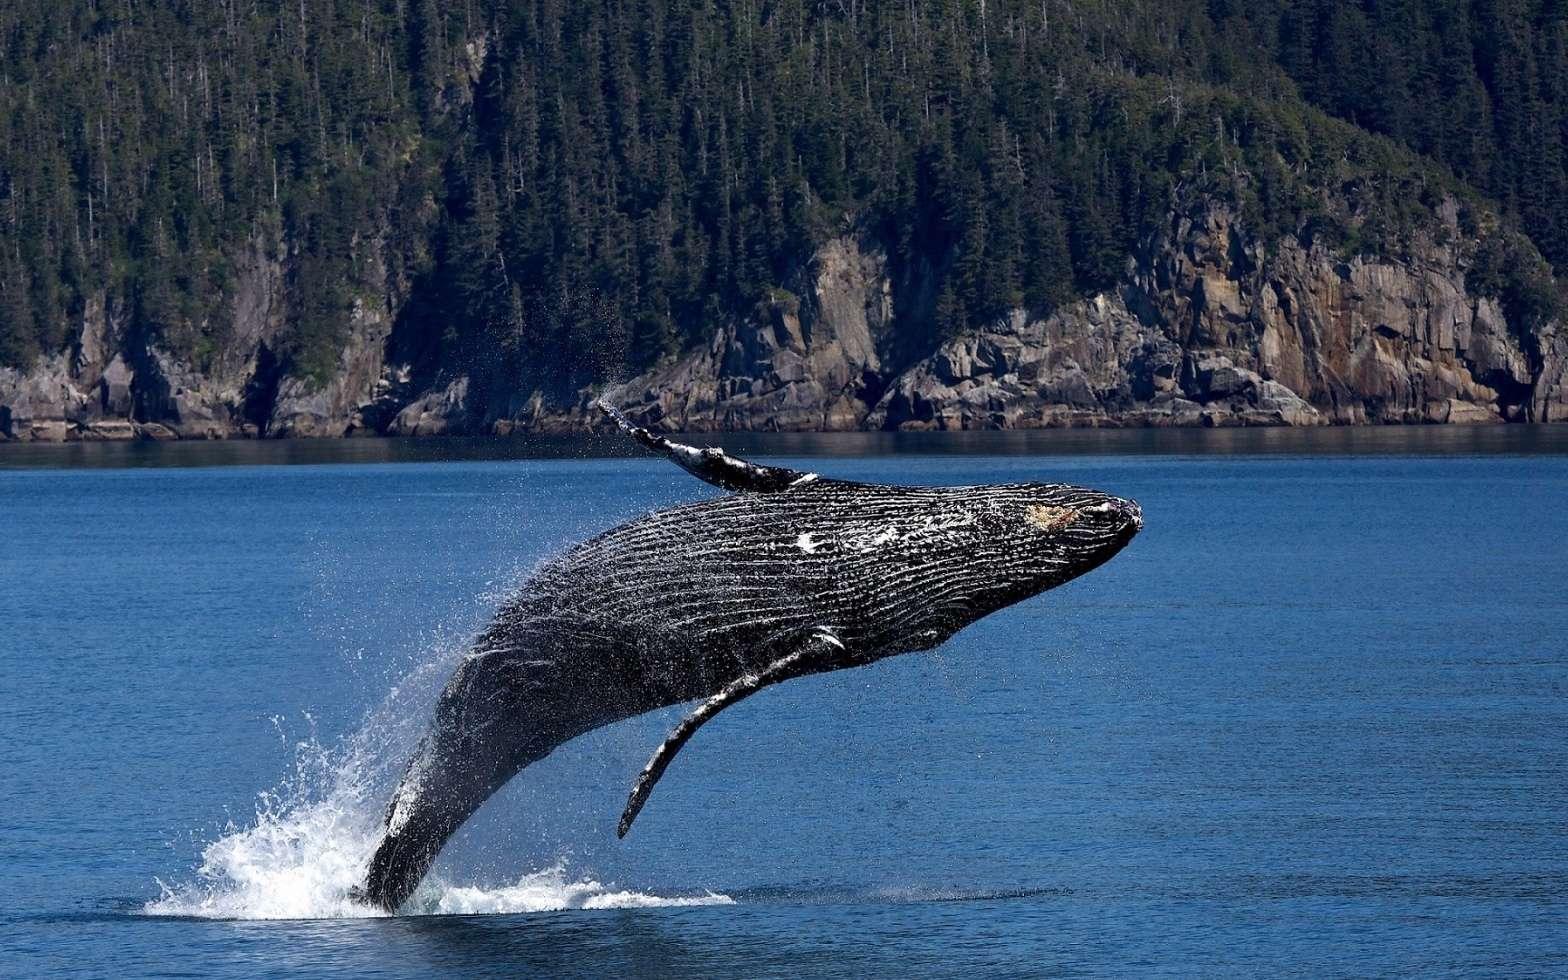 La baleine bleue est le plus grand animal marin à avoir jamais existé. Seuls certains dinosaures sauropodes, aux dimensions hypothétiques, peuvent lui disputer le titre de plus grand animal de la planète. © CC0 Public Domain